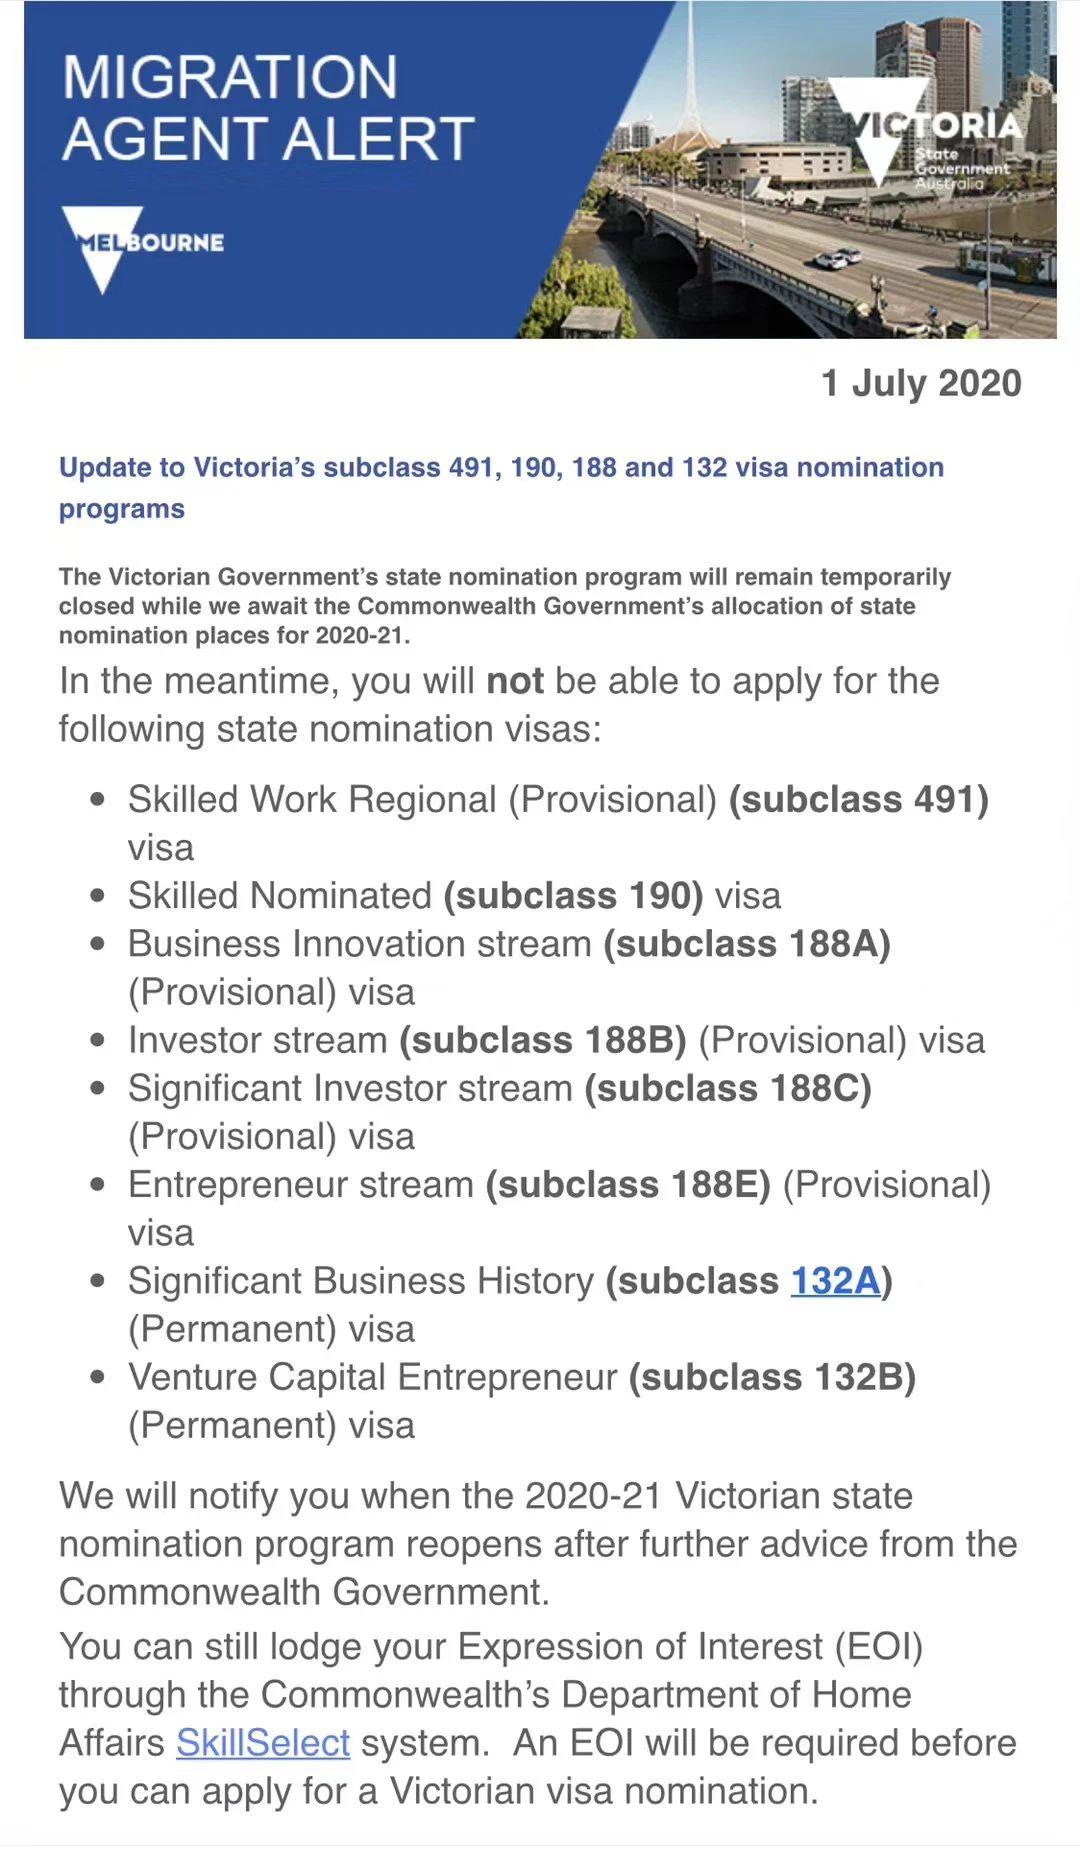 澳洲移民配额重置,新财年各州最新州担情况汇总-澳洲移民公司